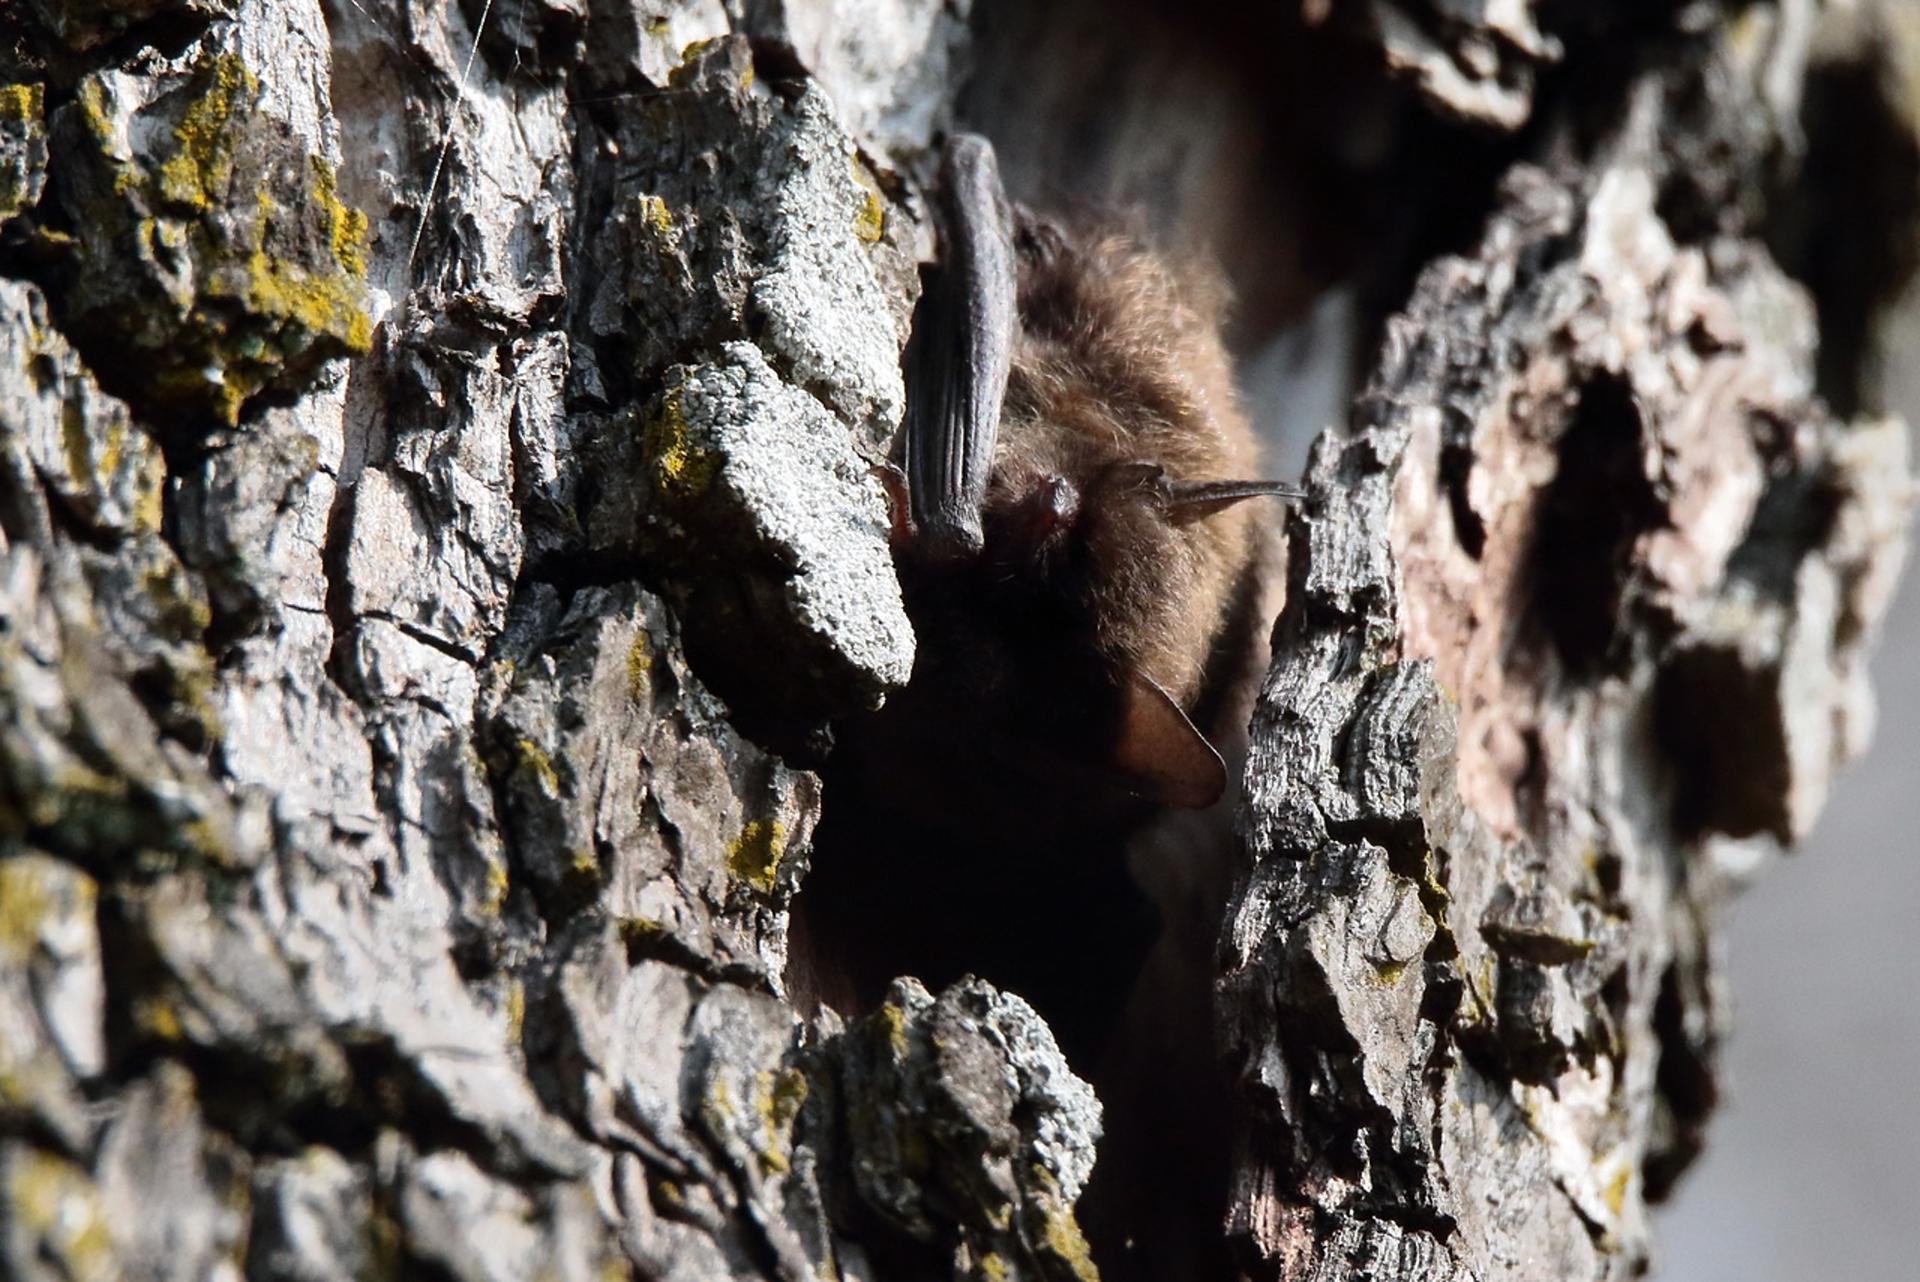 Chauve-souris ©Olivier Préel